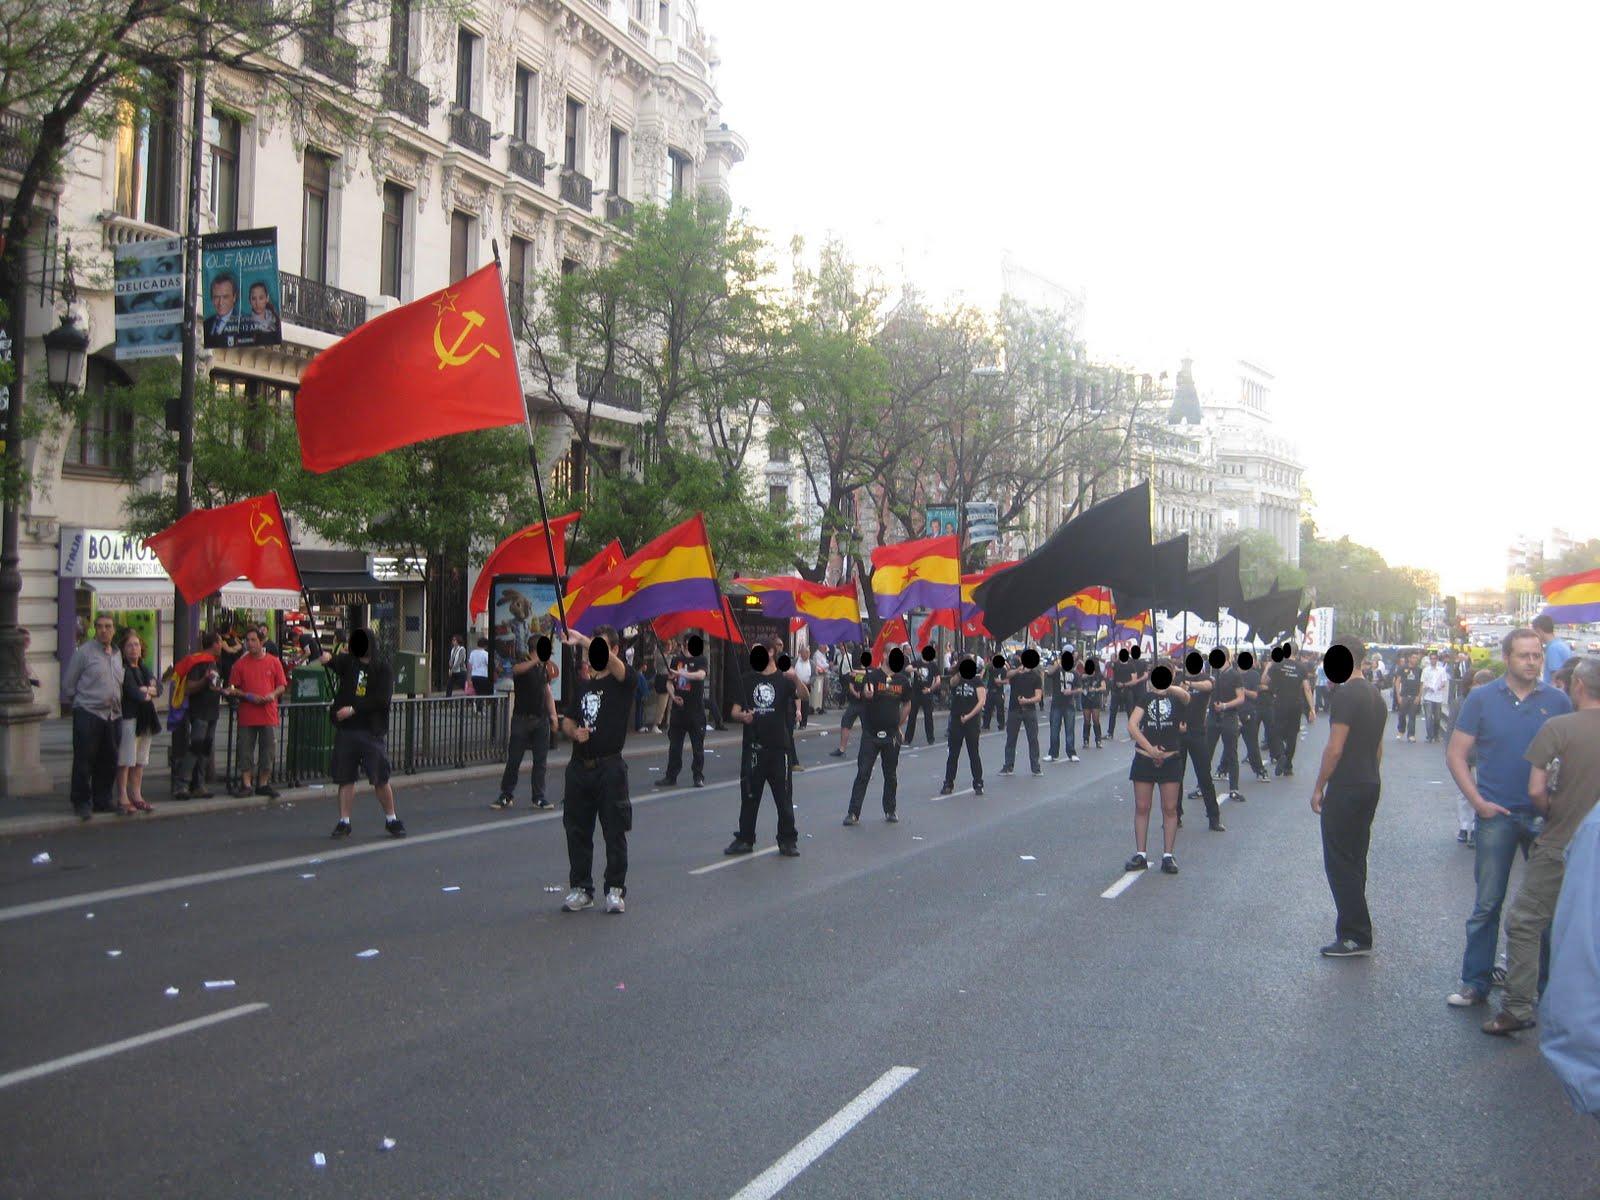 Fotos y comunicado del desfile en honor al maquis en la manifestación por la III Republica en Madrid 14/04/11 2